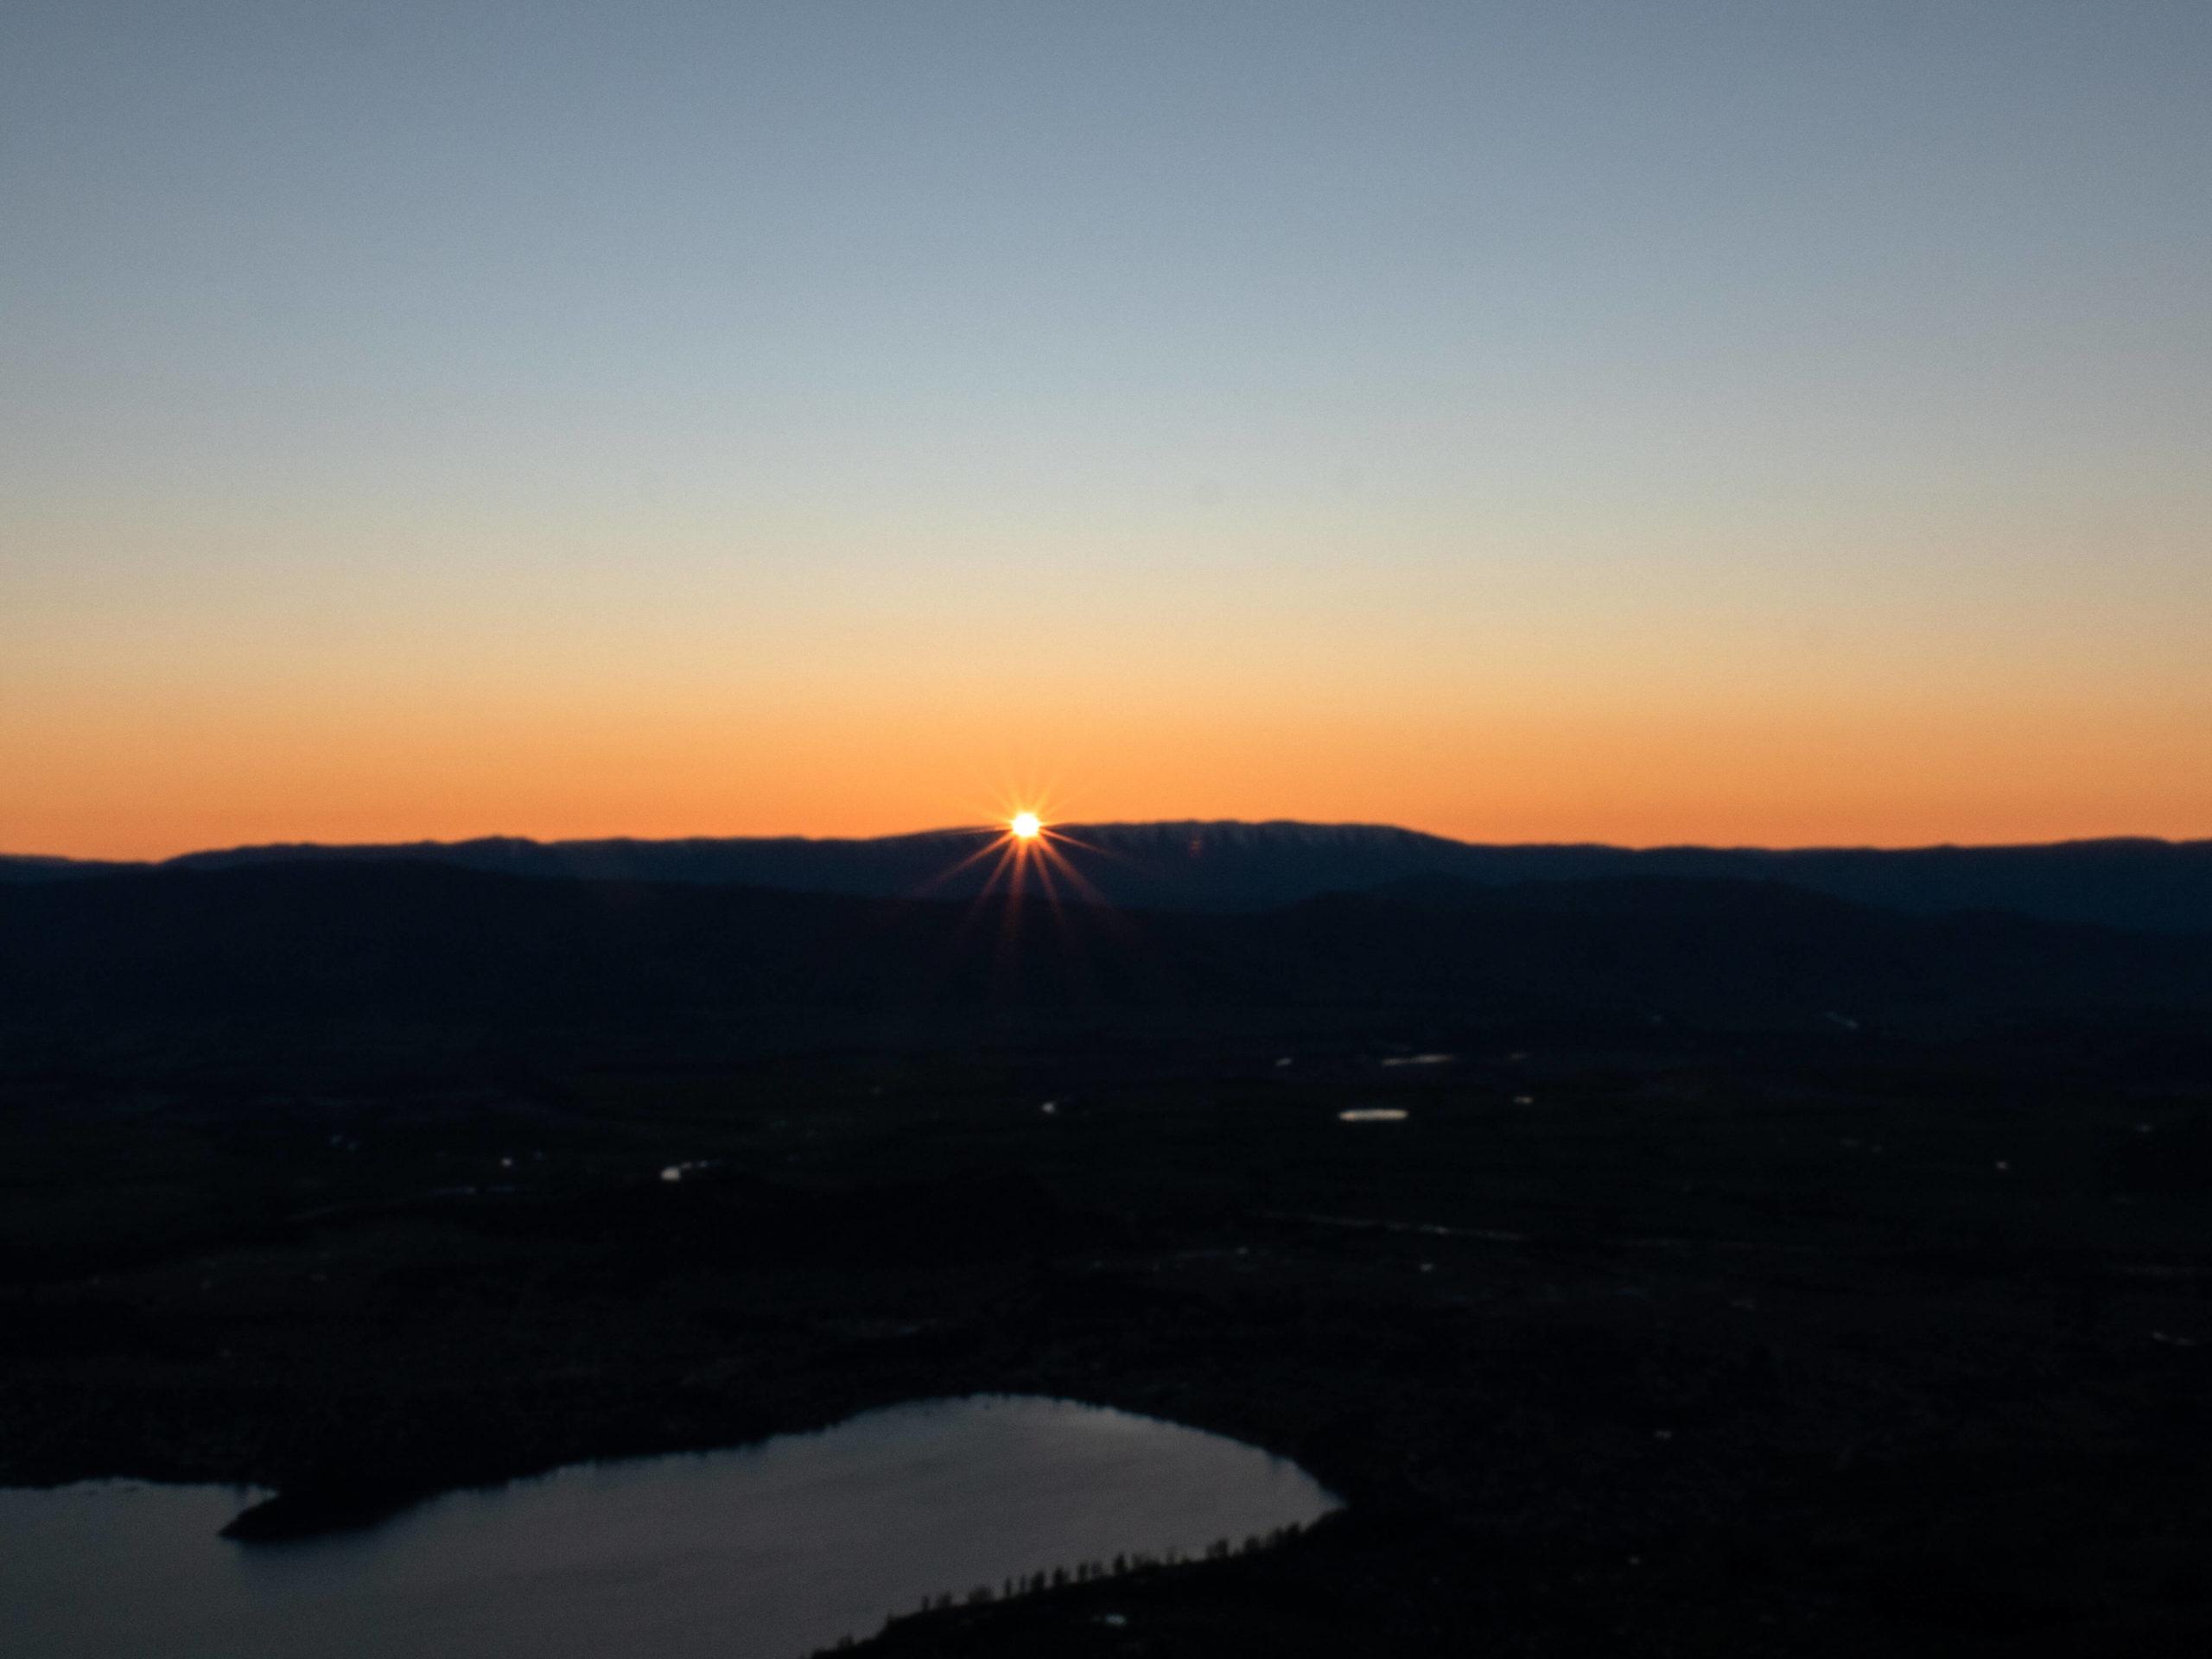 Le soleil se lève sur Wanaka Nouvelle-Zélande